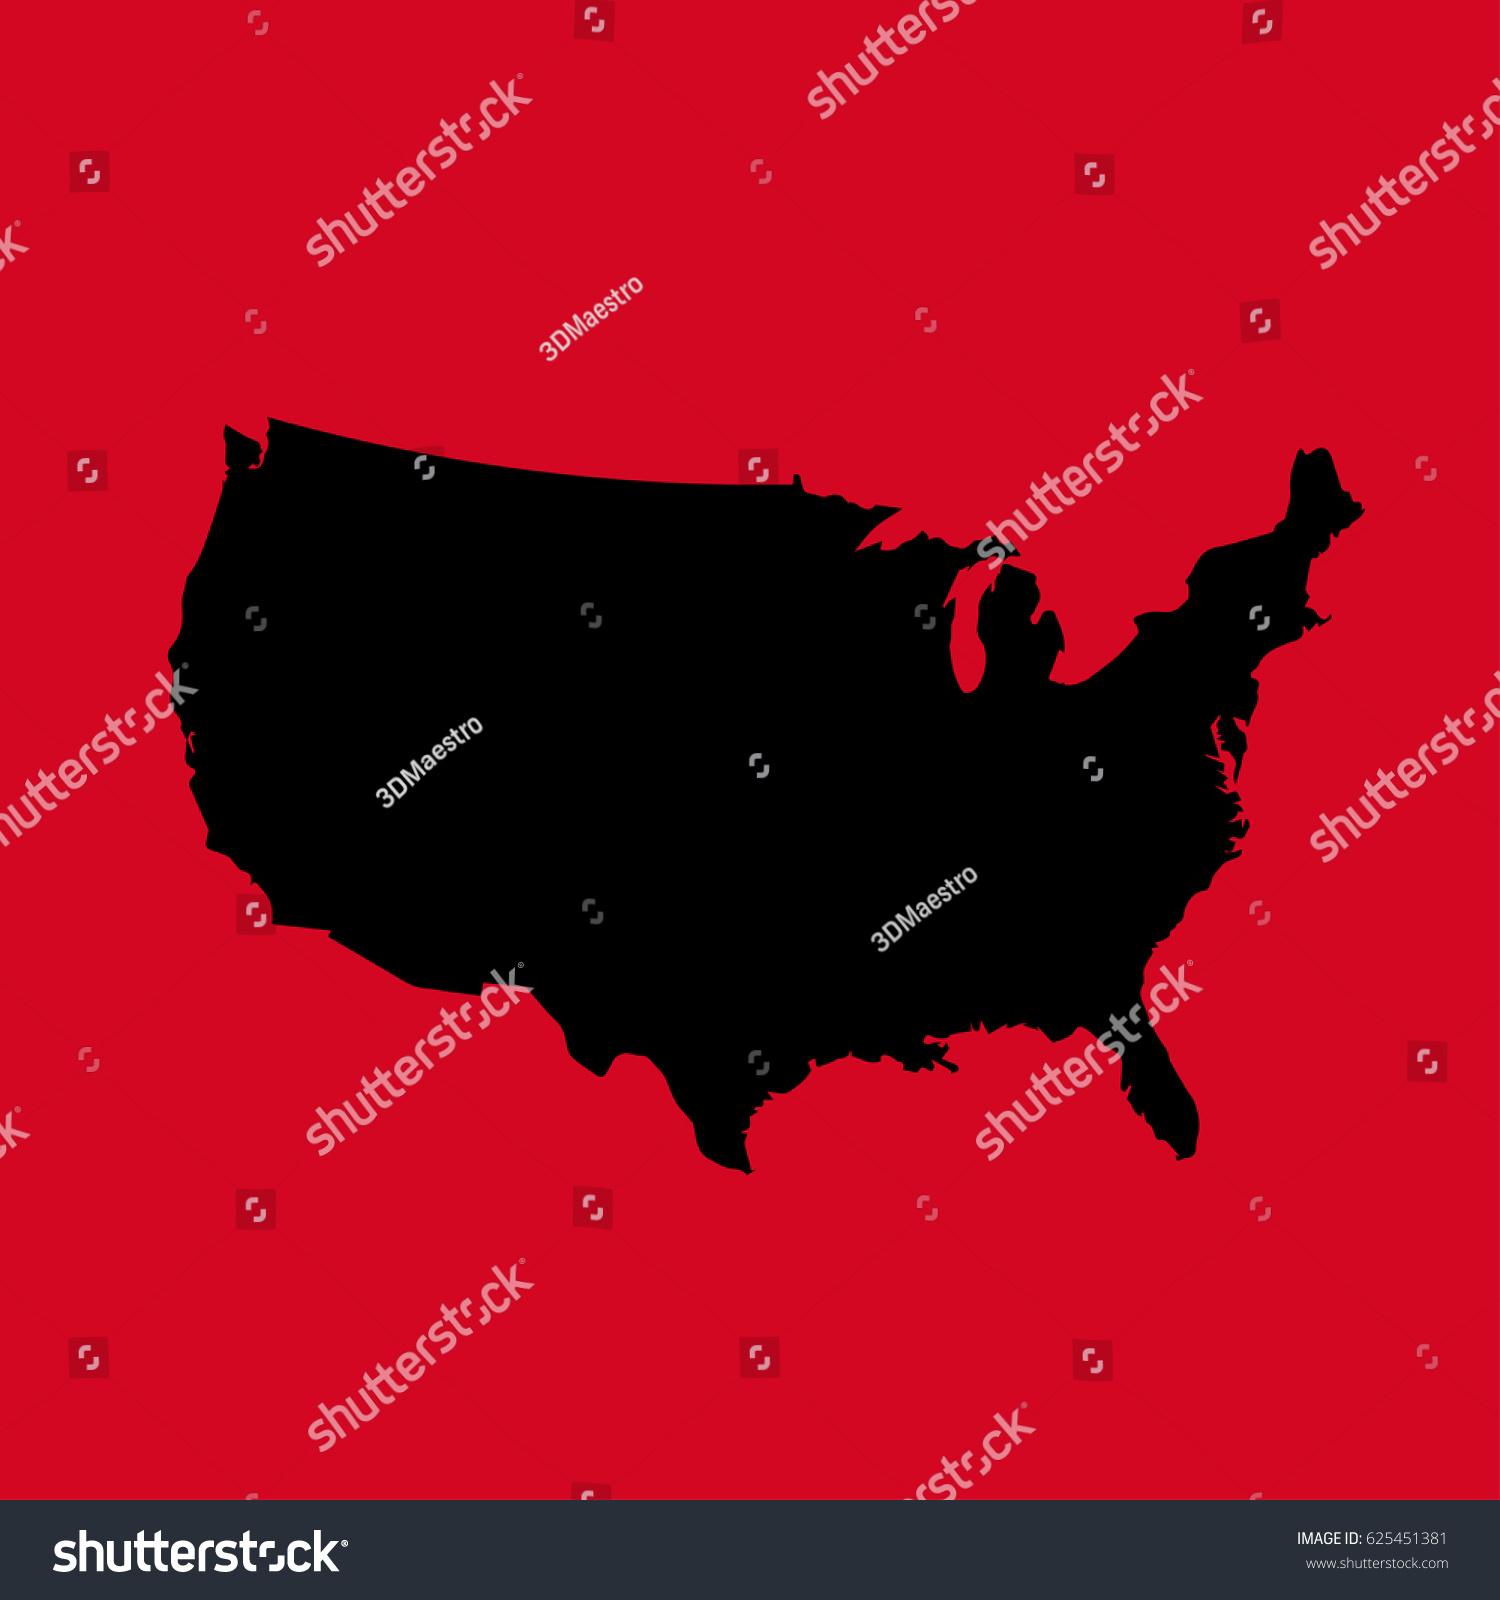 Usa Vector Map Stock Vector  Shutterstock - Map usa vector